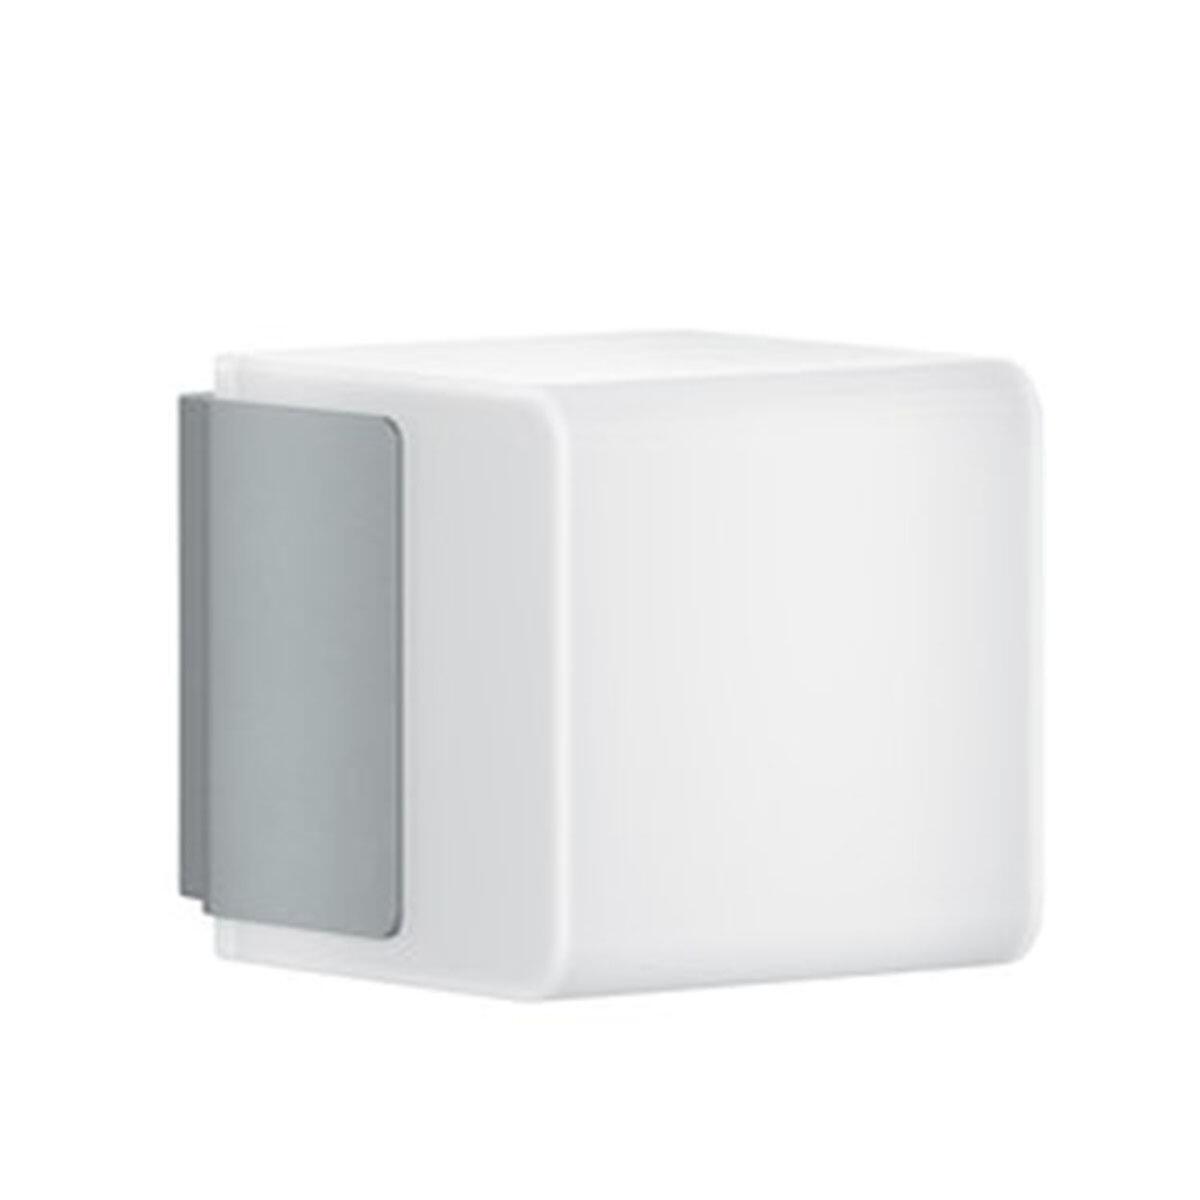 Applique L 835 LED integrato con sensore di movimento, grigio, 9.5W 586LM IP44 STEINEL - 3